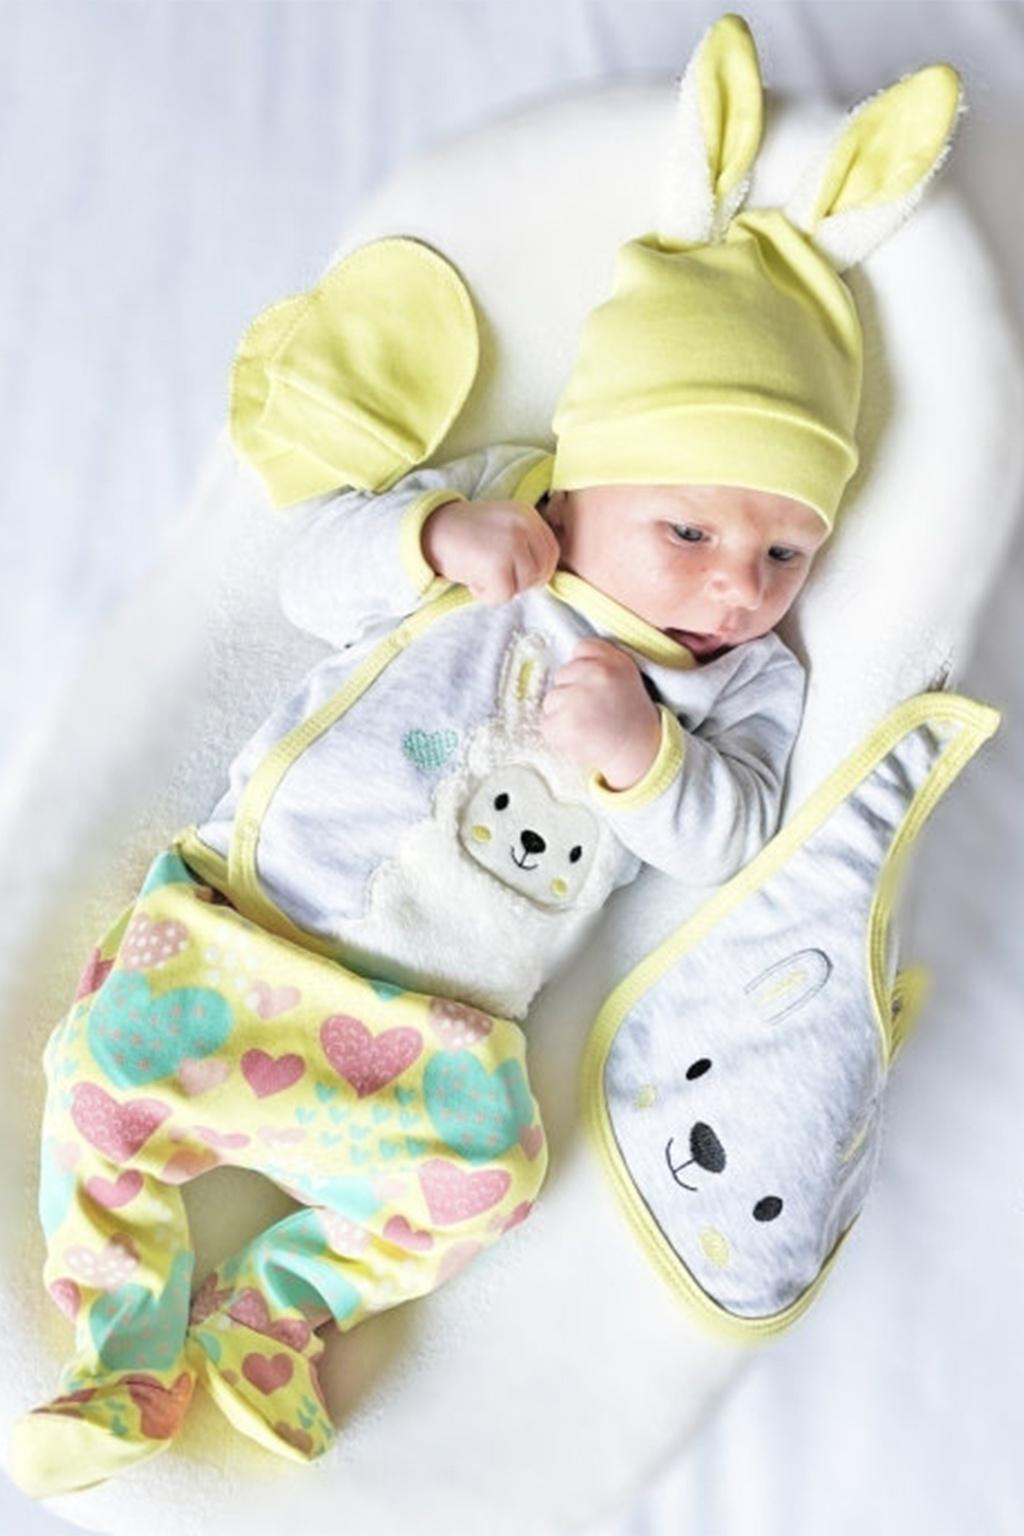 5 dílná kojenecká souprava Beránek